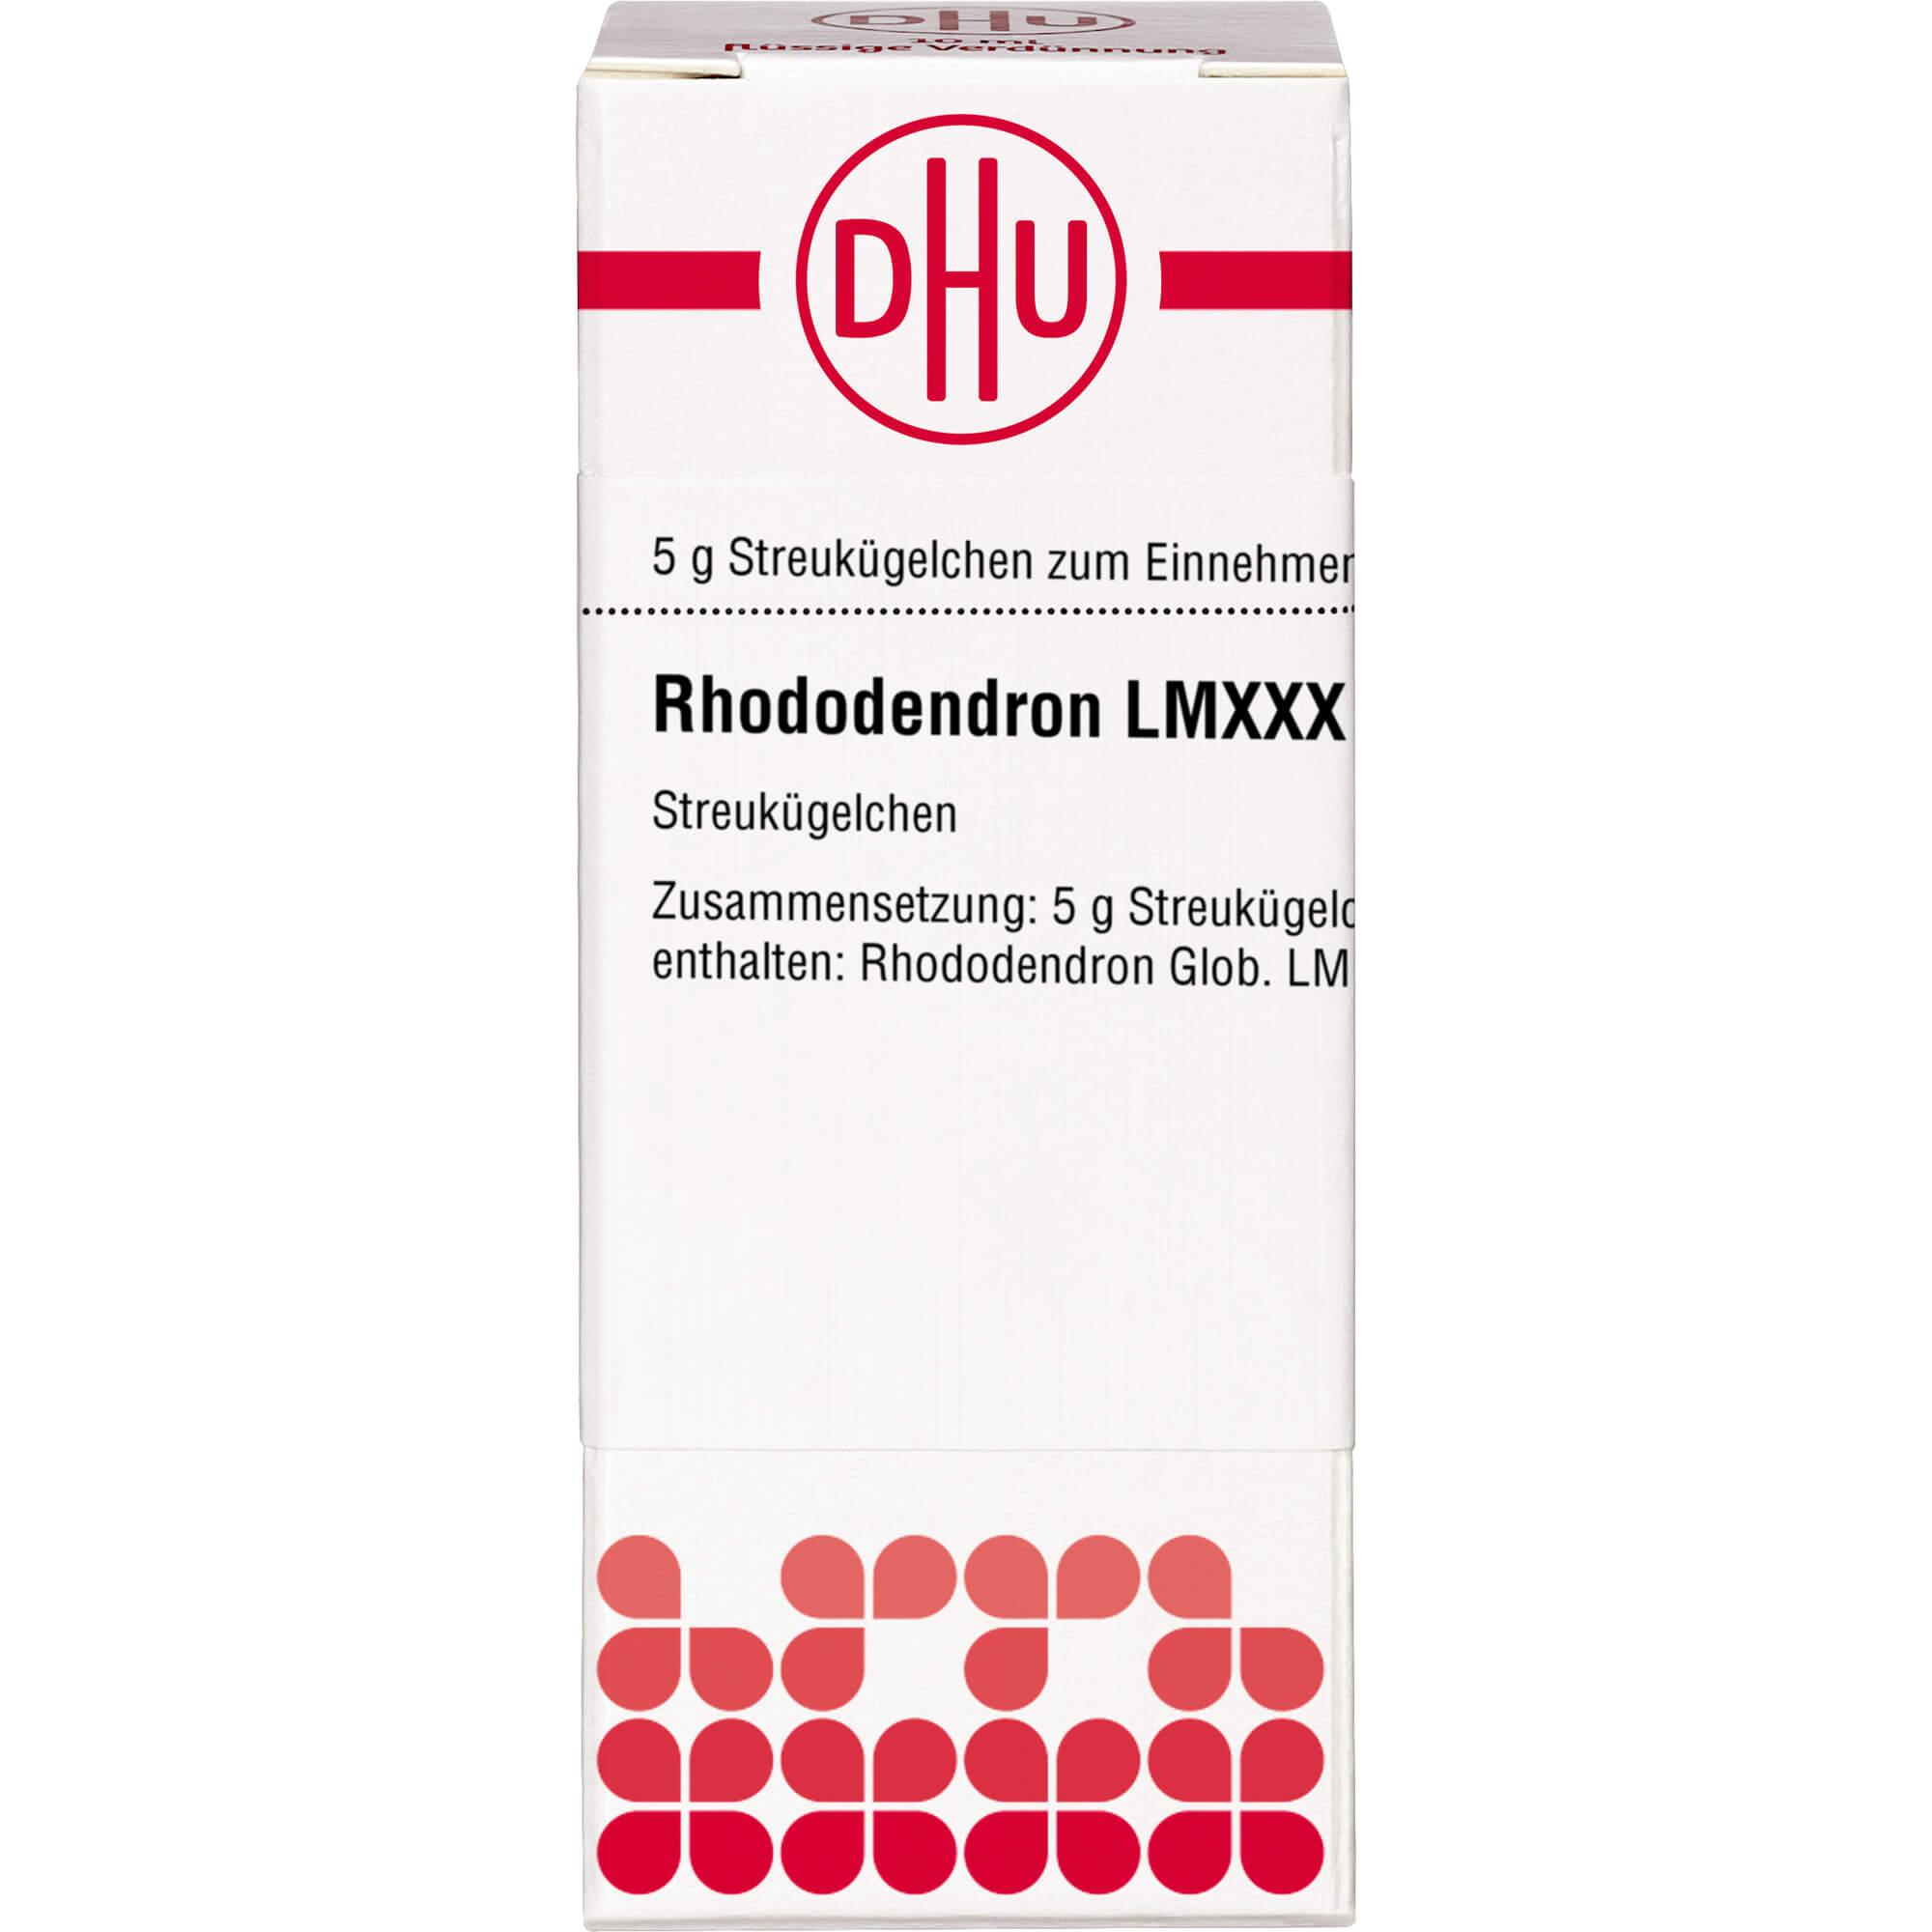 RHODODENDRON LM XXX Globuli